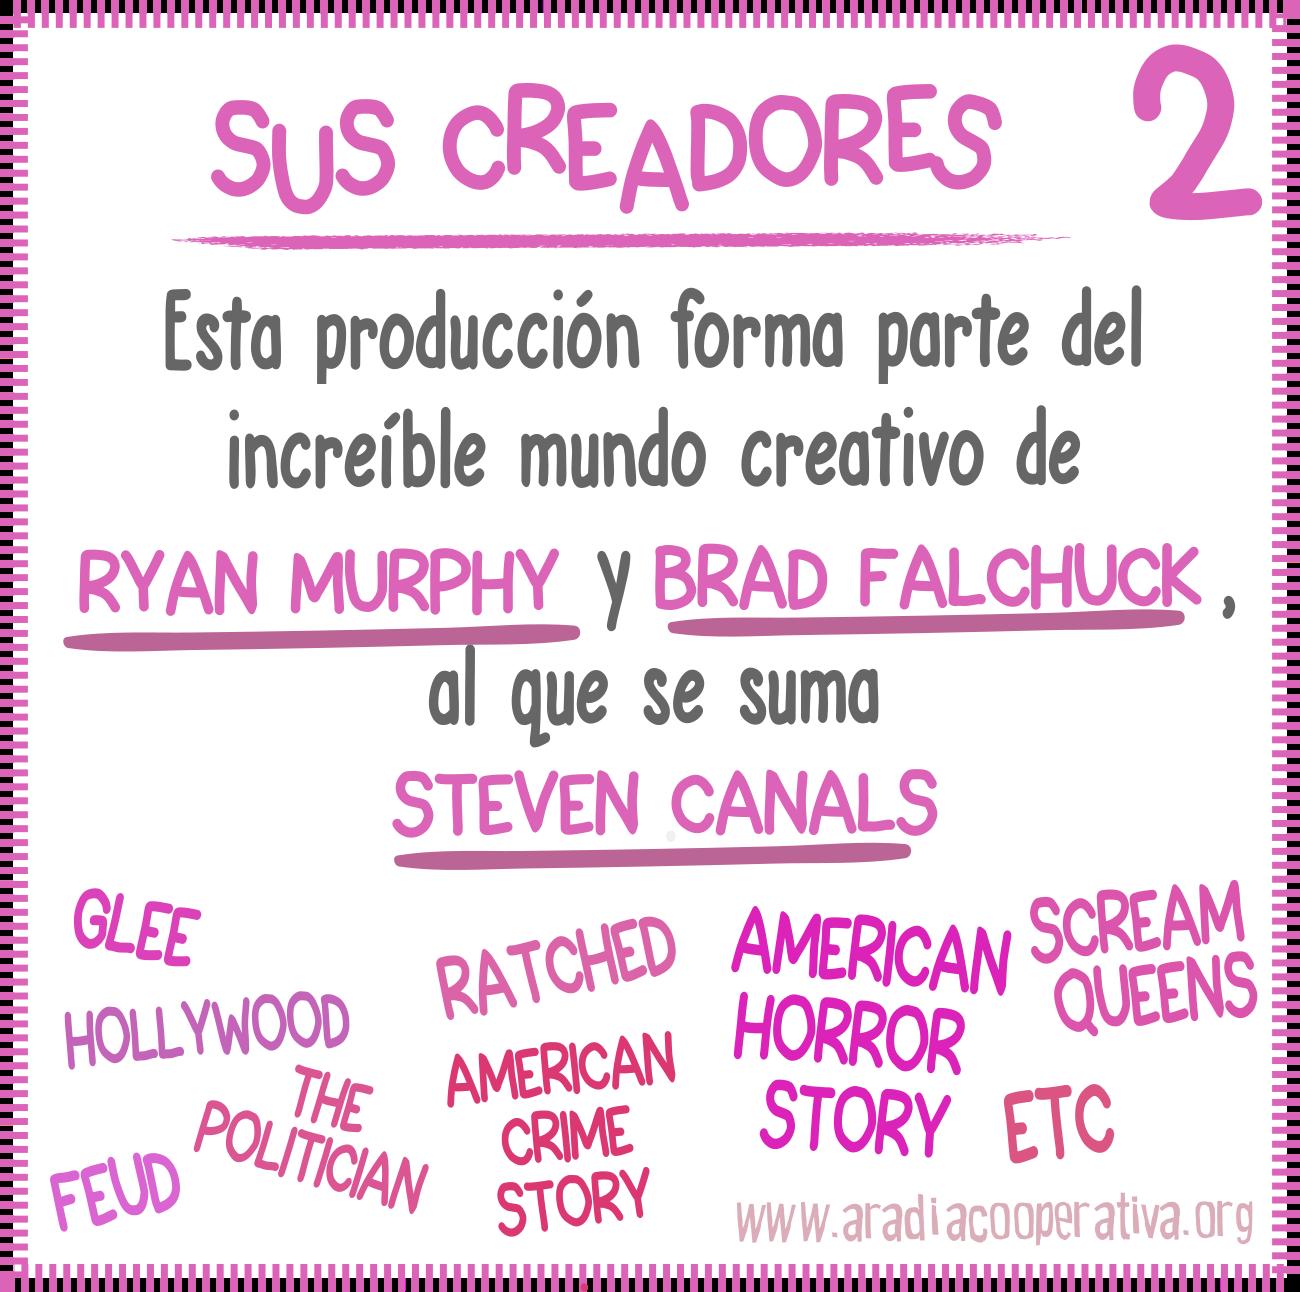 Sus creadores